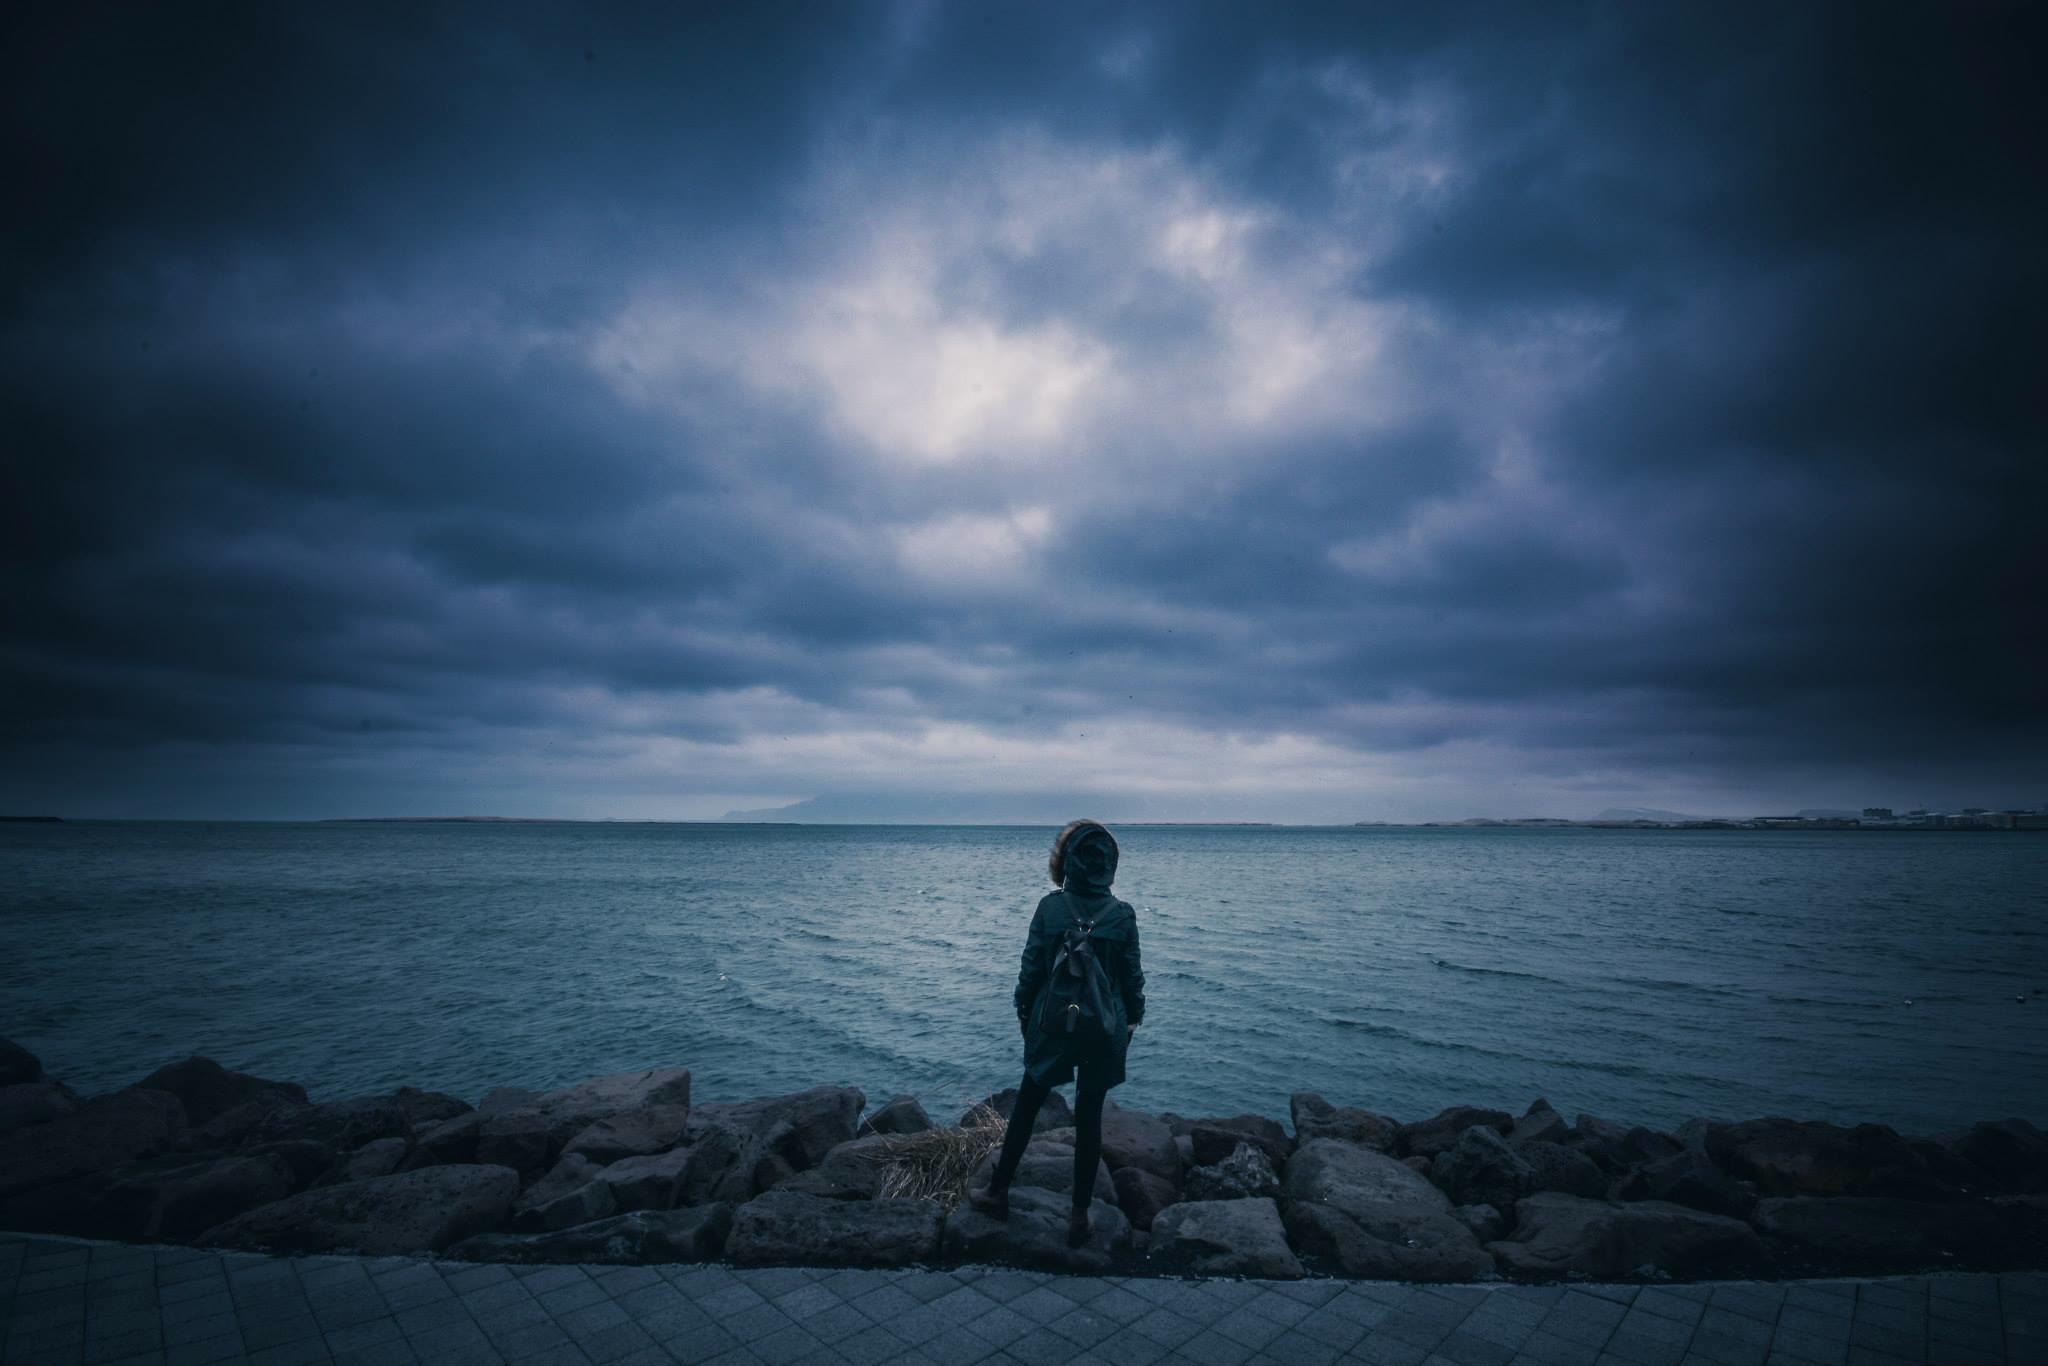 storm, sea